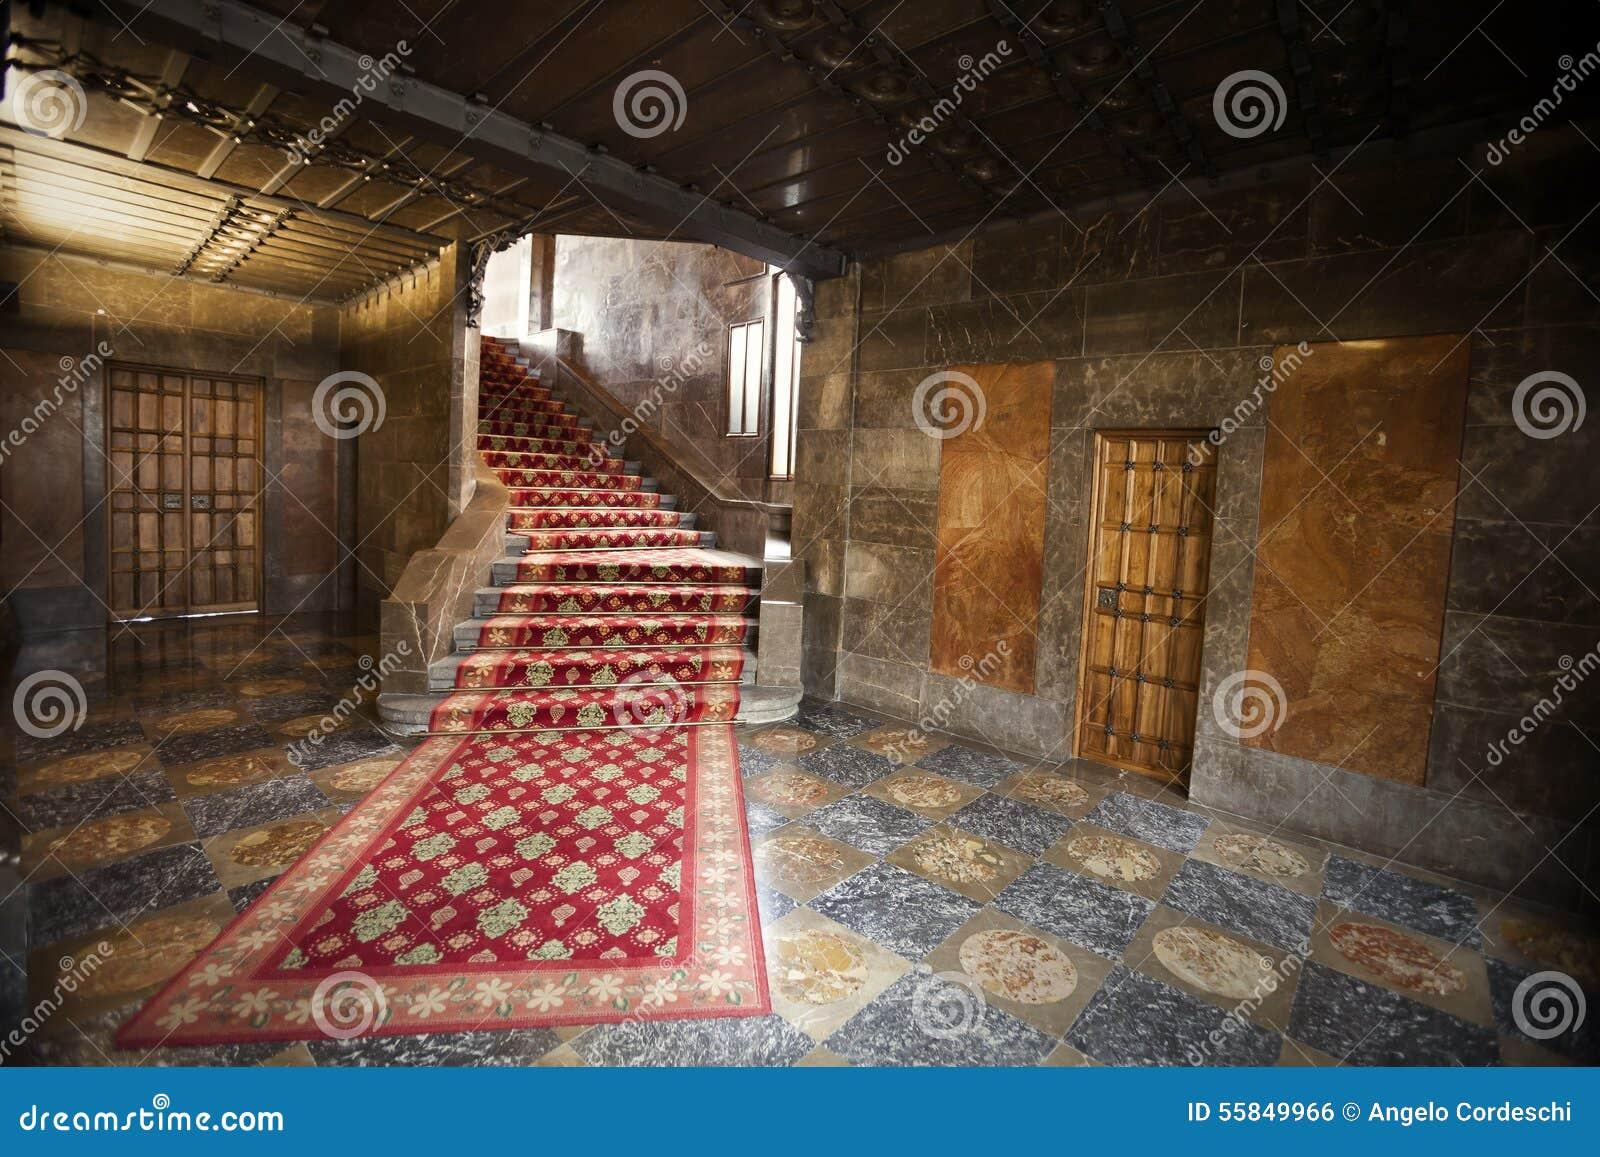 Inre av ett gammalt spanjorhus med röd matta, trappa och dörrar ...